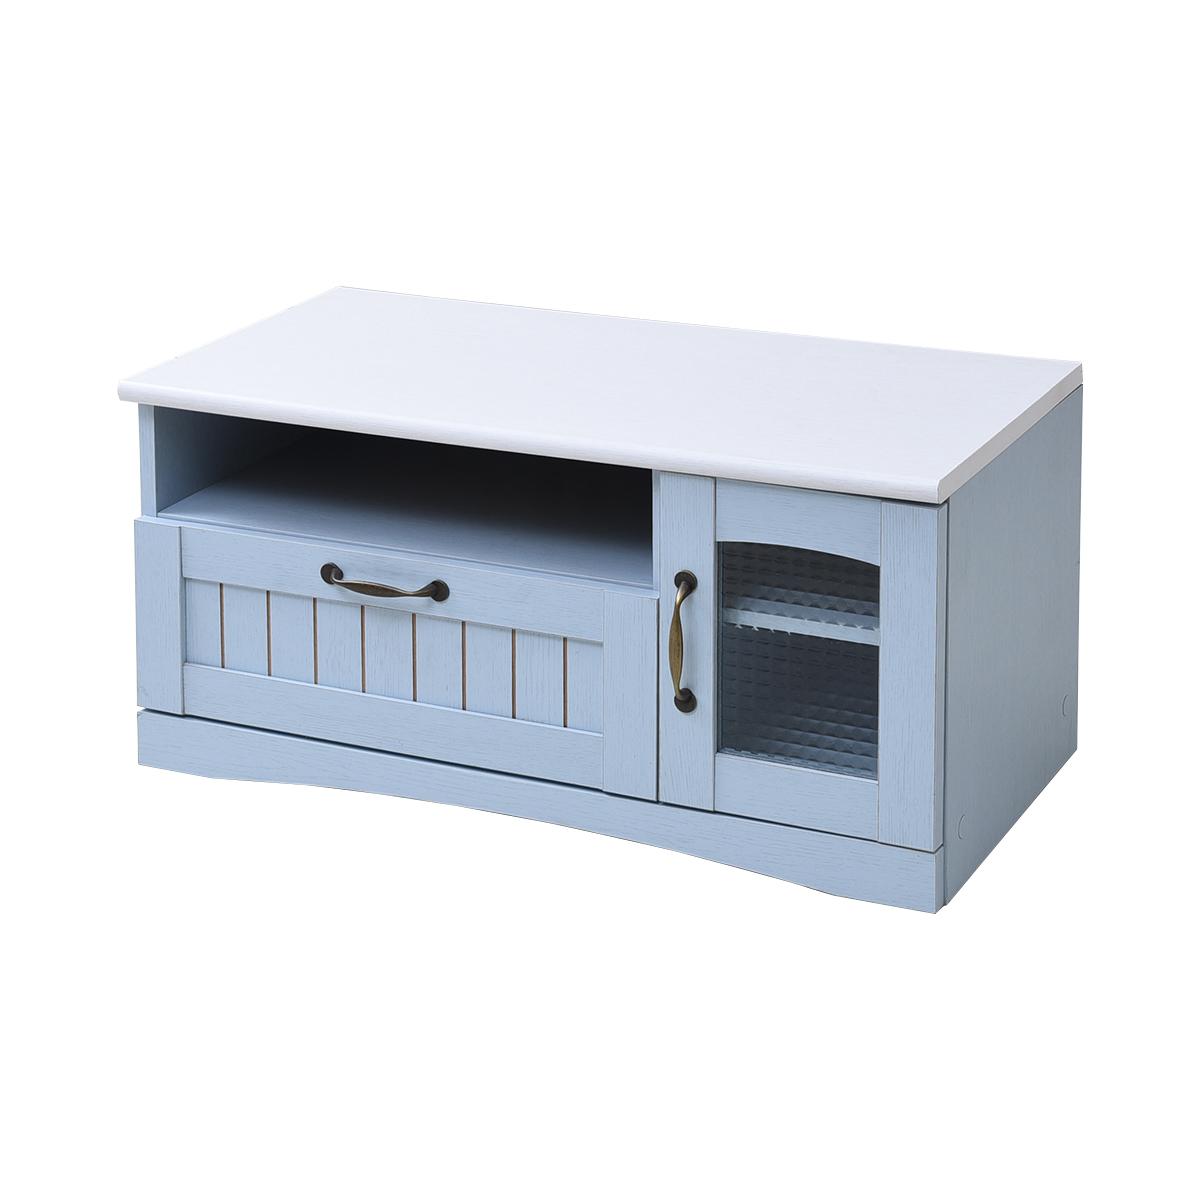 フレンチカントリー家具 テレビ台 幅80 フレンチスタイル ブルー&ホワイト 激安セール アウトレット価格 人気ランキング